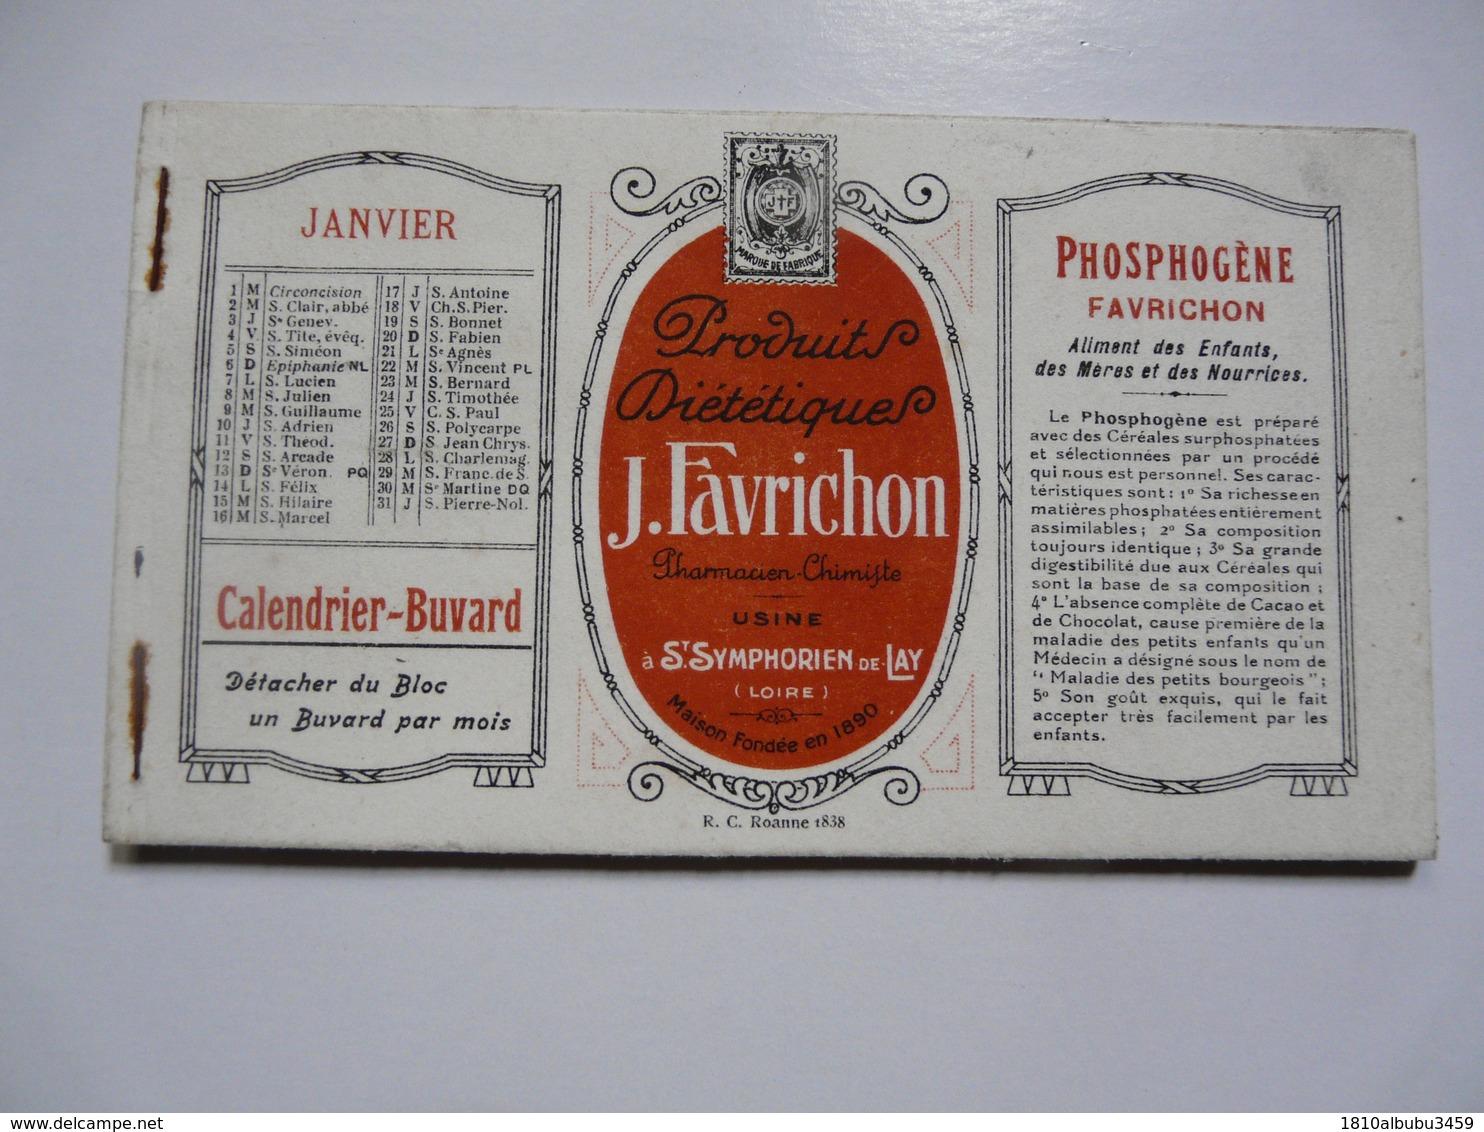 VIEUX PAPIERS - CALENDRIER -BUVARD De Janvier à Avril - Publicité Pour J. FAVRICHON - Zonder Classificatie